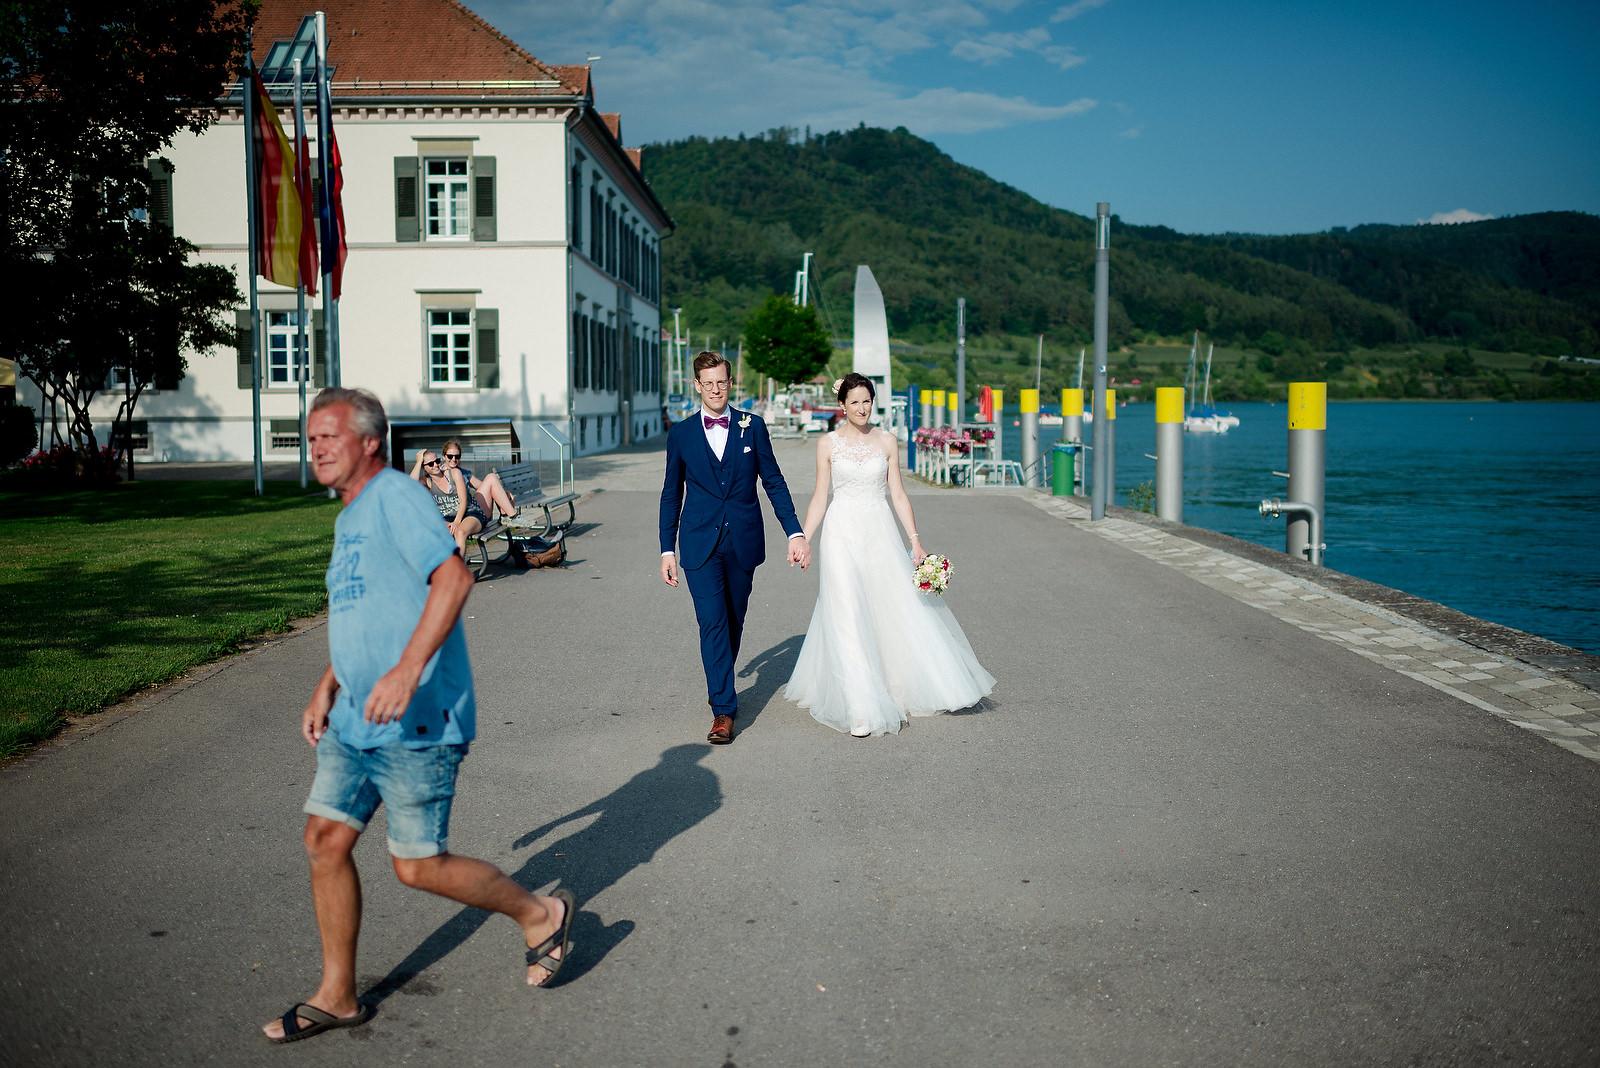 Fotograf Konstanz - Hochzeitsfotograf Bodensee Zollhaus Ludwigshafen Hochzeit Konstanz EFP 078 - Hochzeitsreportage im Zollhaus in Bodman-Ludwigshafen, Bodensee  - 196 -